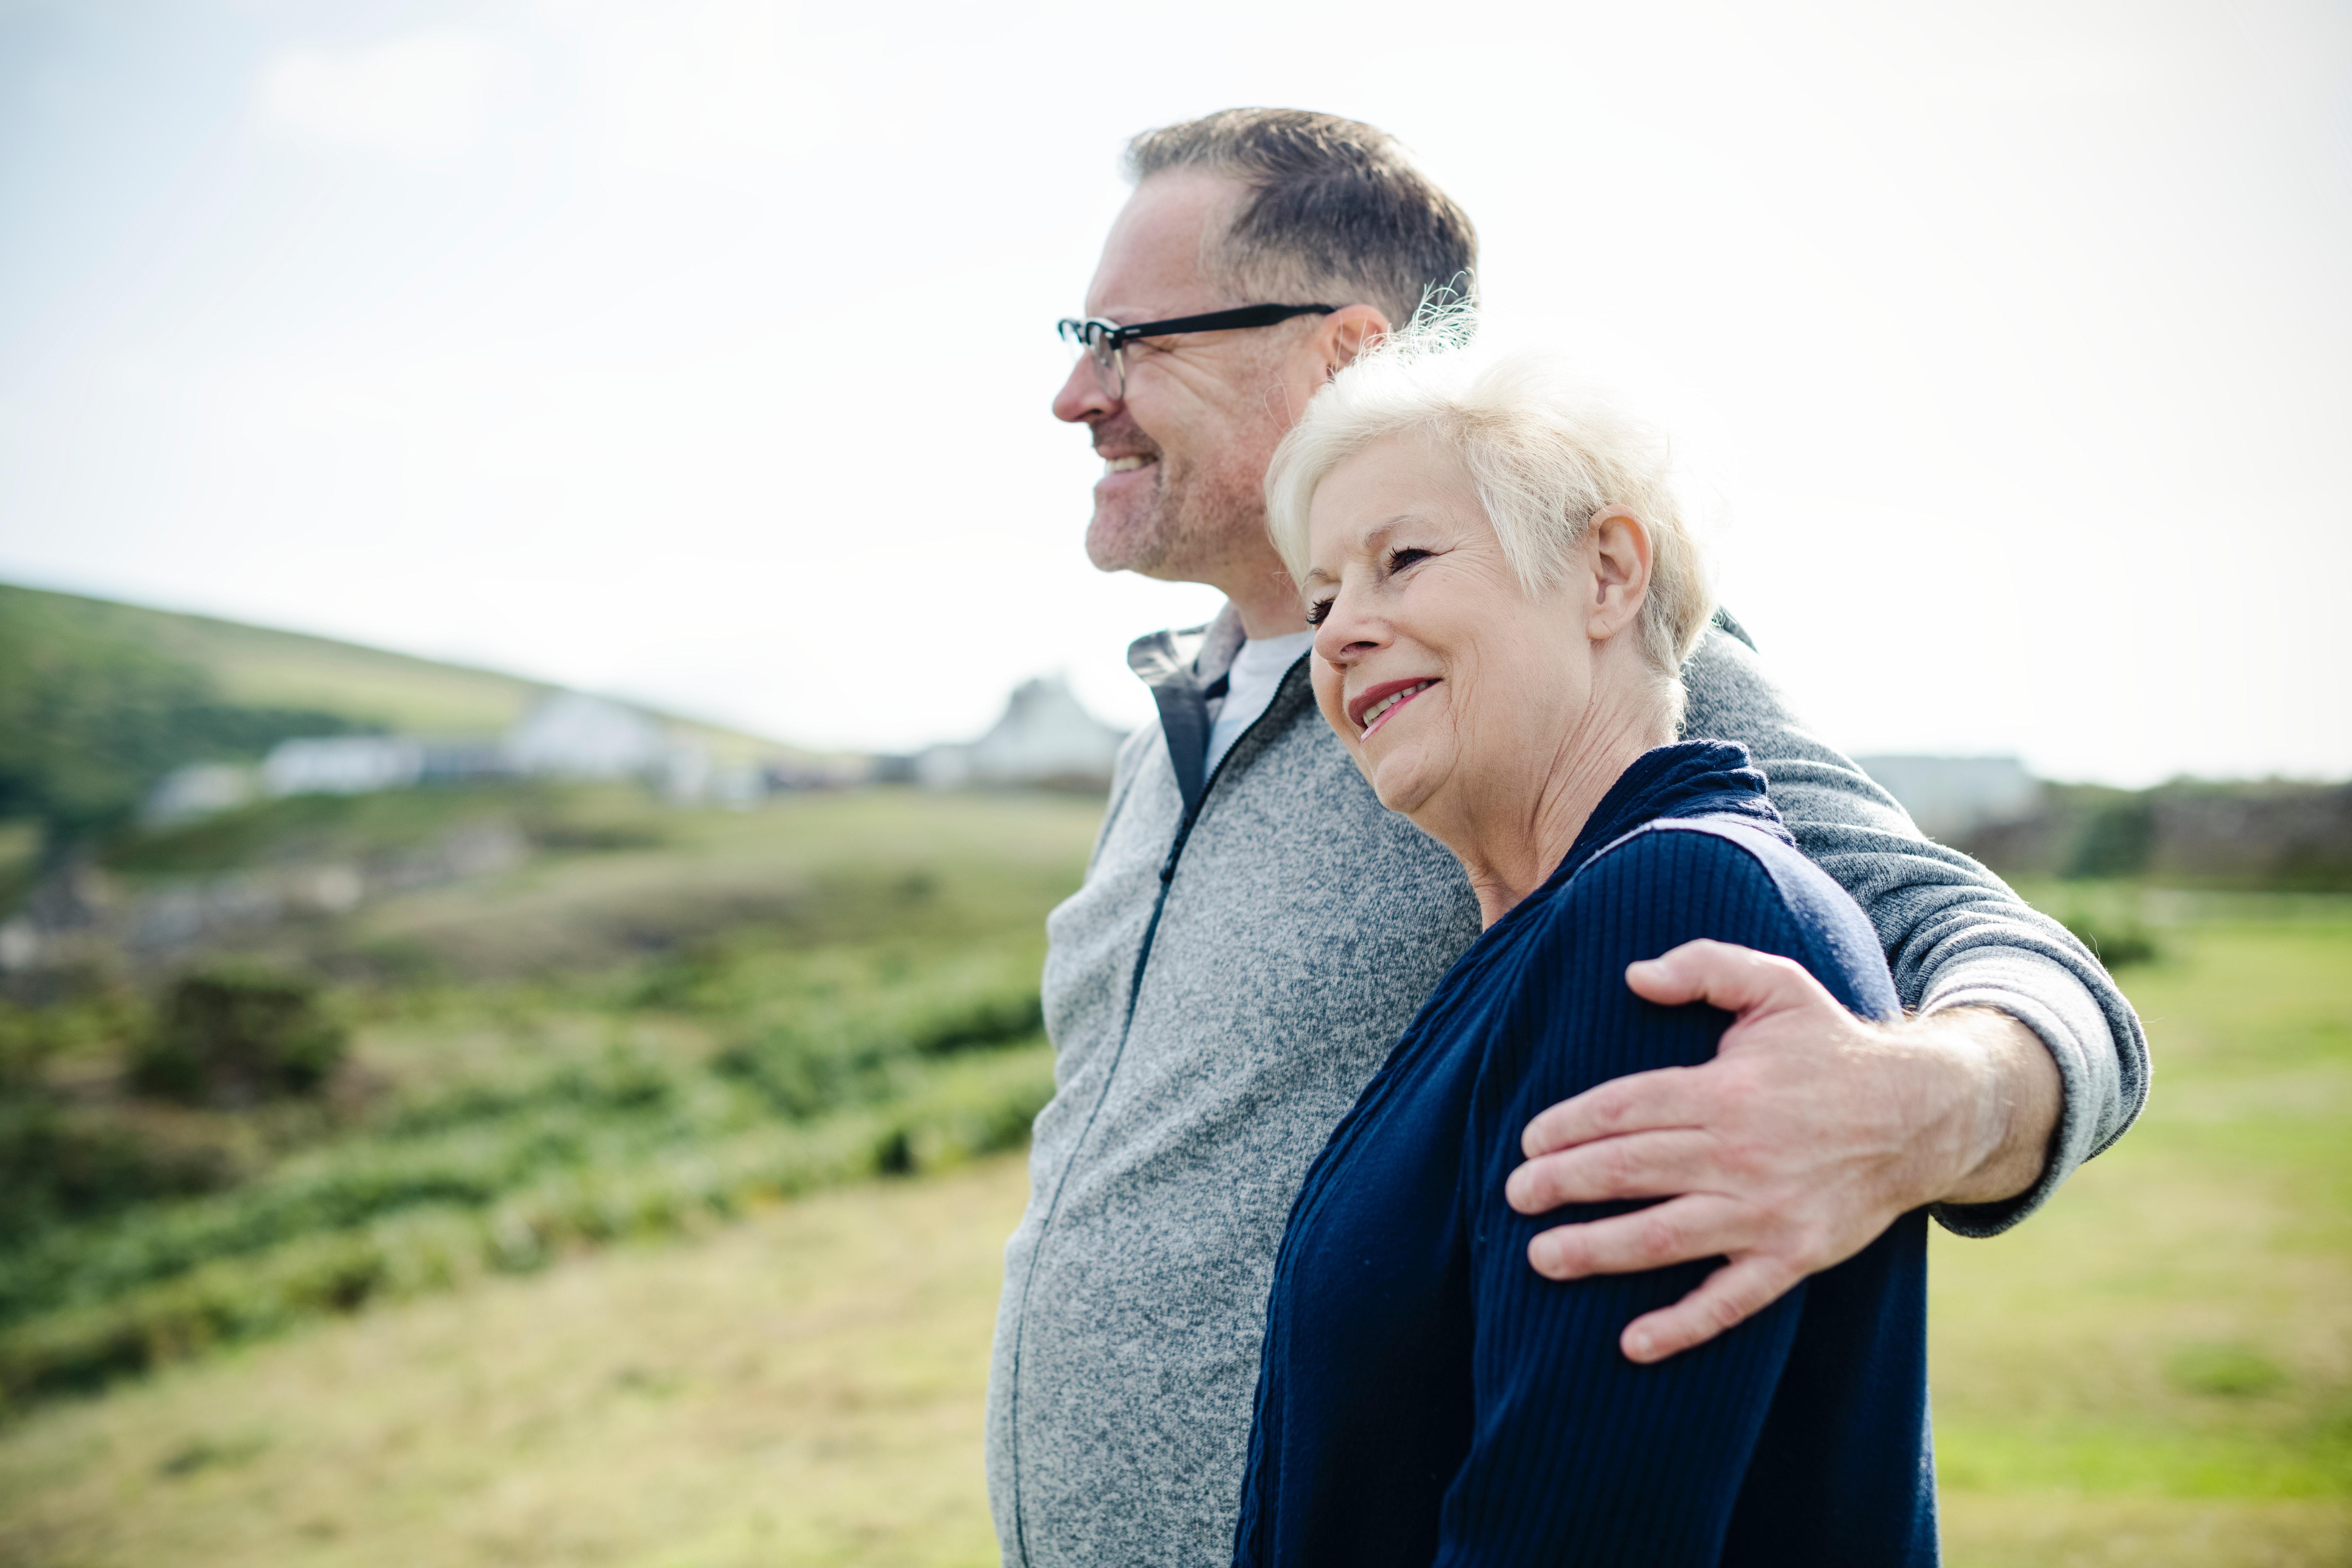 Boala Parkinson din cauza litiului.Diagnosticat greșit cu tulburare bipolară